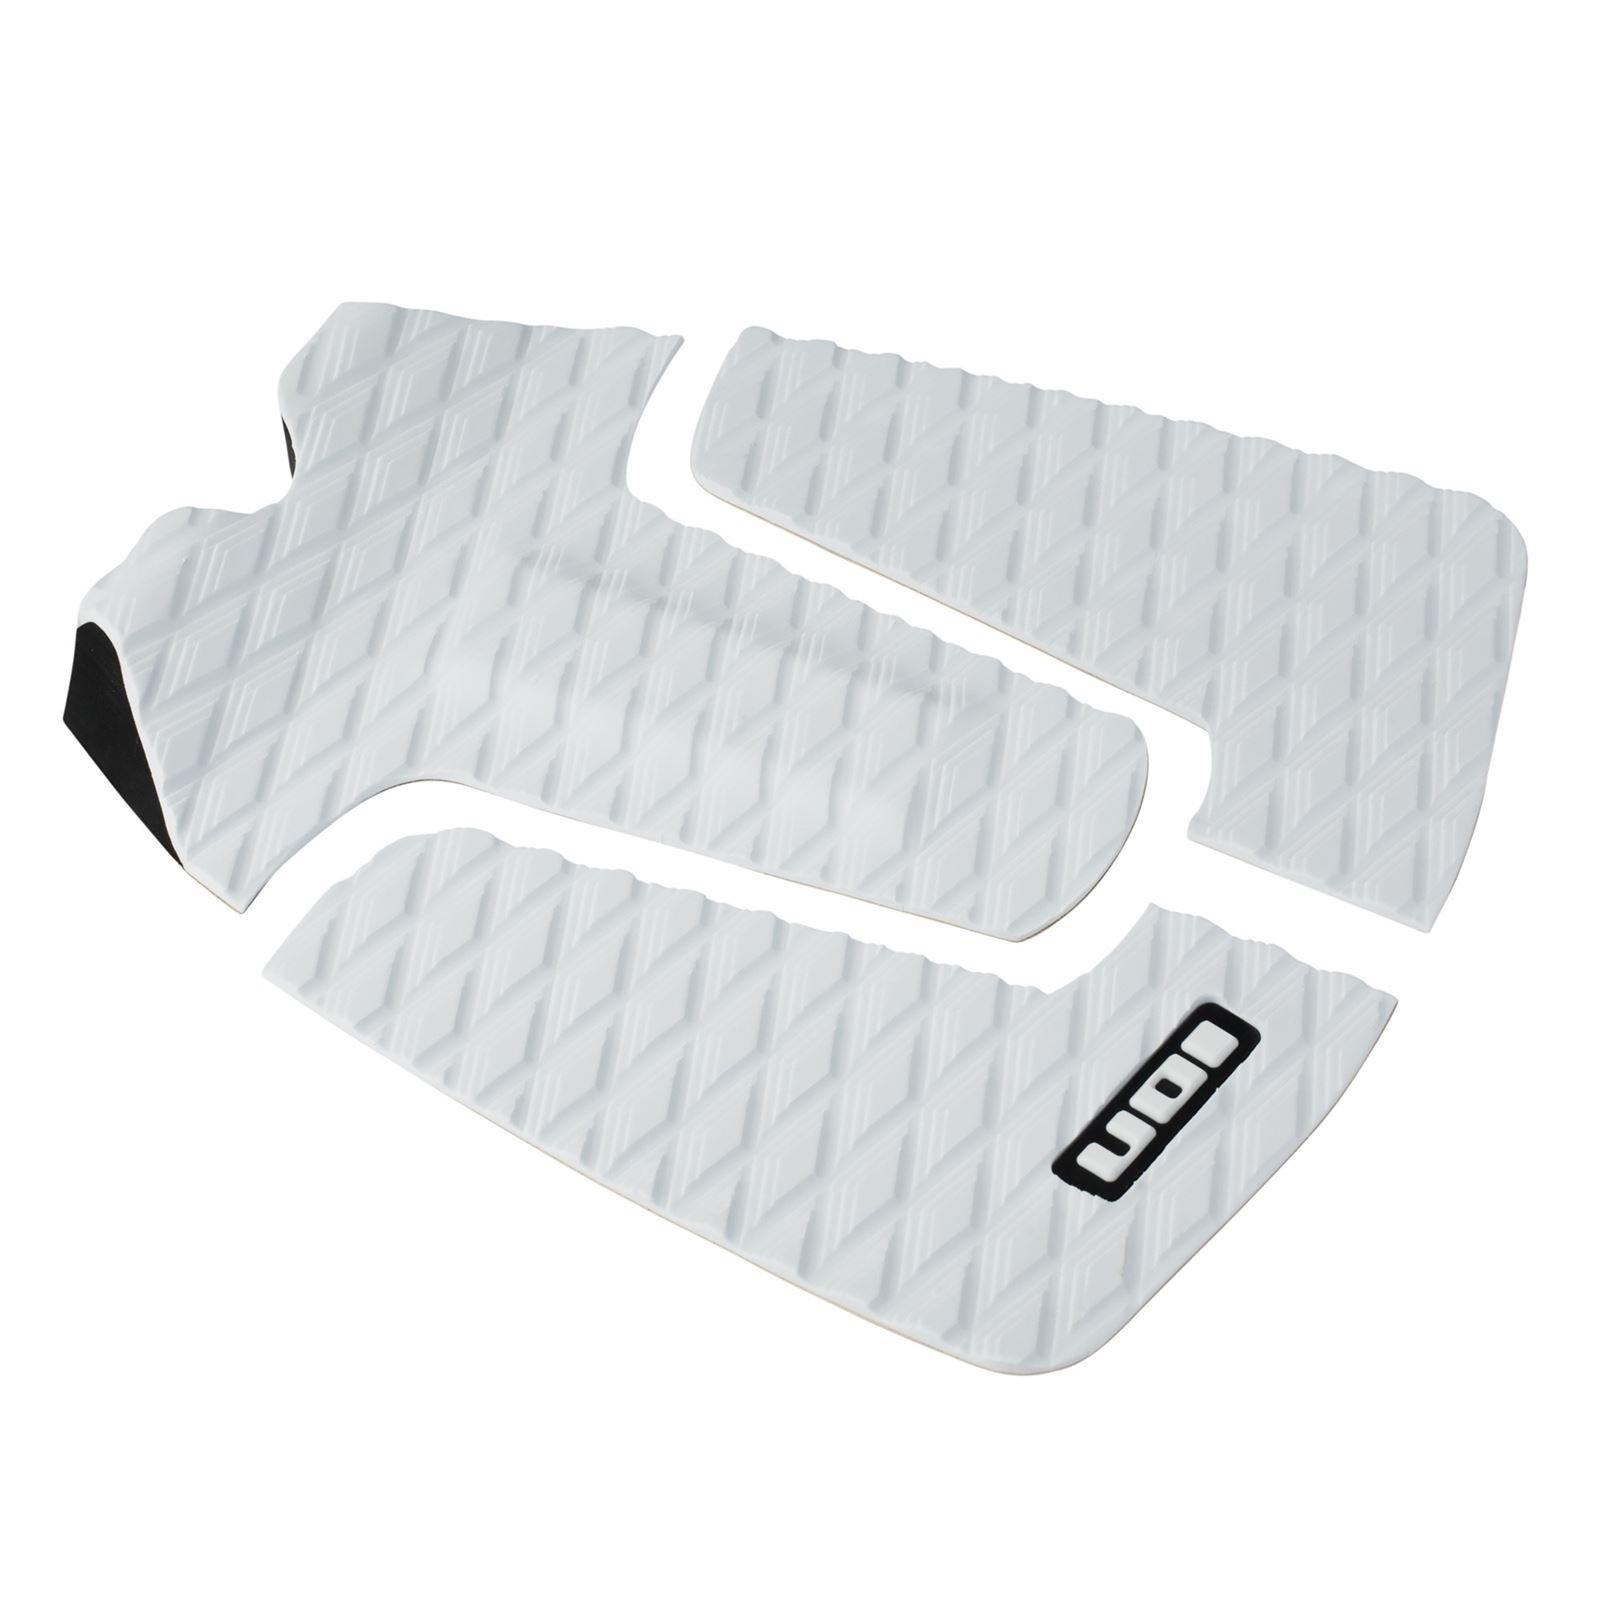 Litio footpad Deck Grip de 3 piezas Blanco Tabla de Surf onda Jinete Kite tarjeta Pad: Amazon.es: Deportes y aire libre